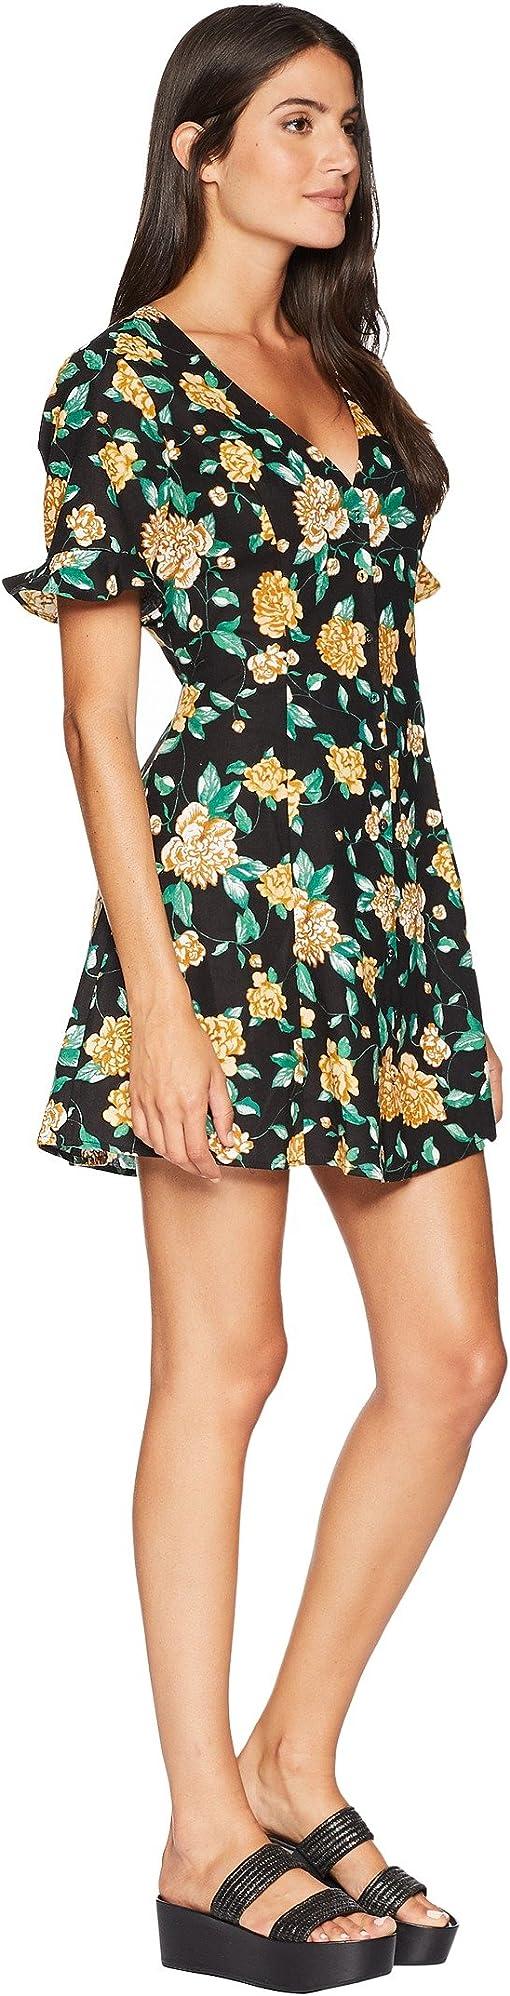 Black/Marigold Floral